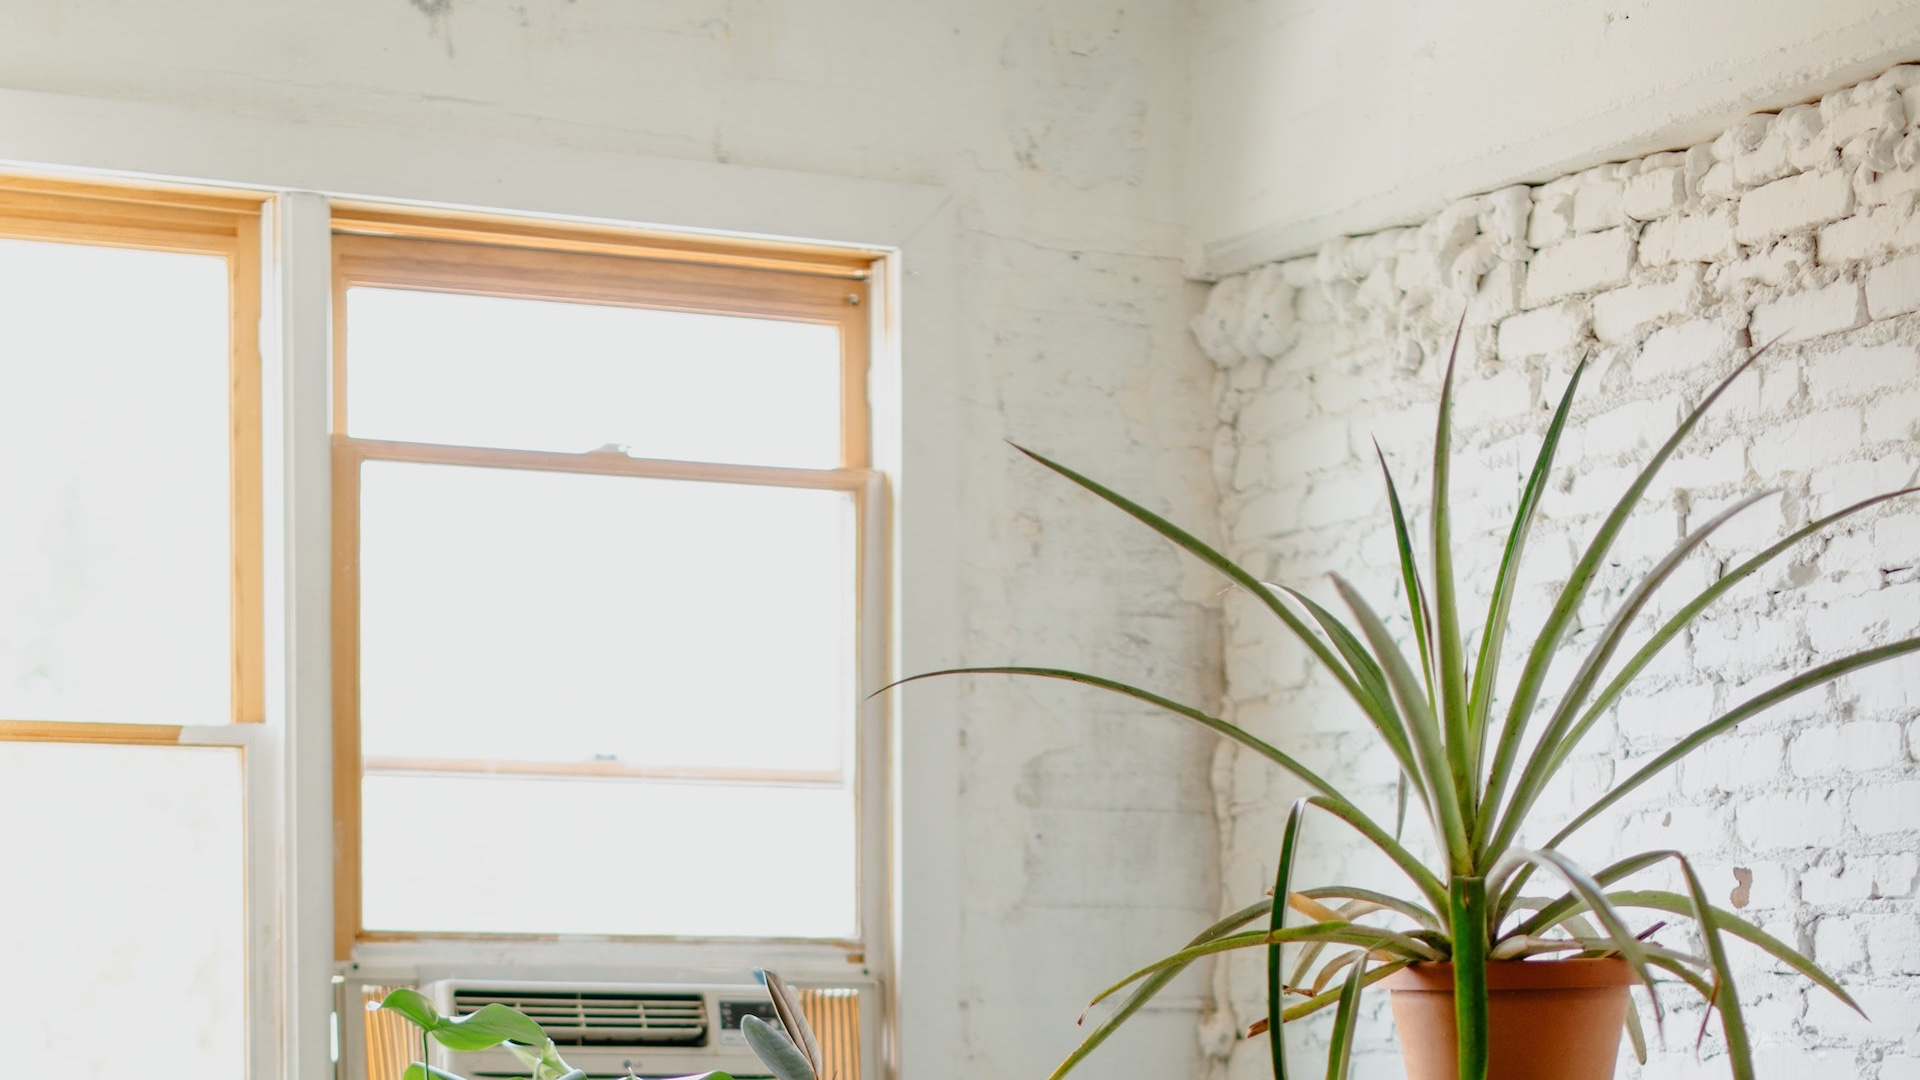 白いレンガの壁と窓と観葉植物